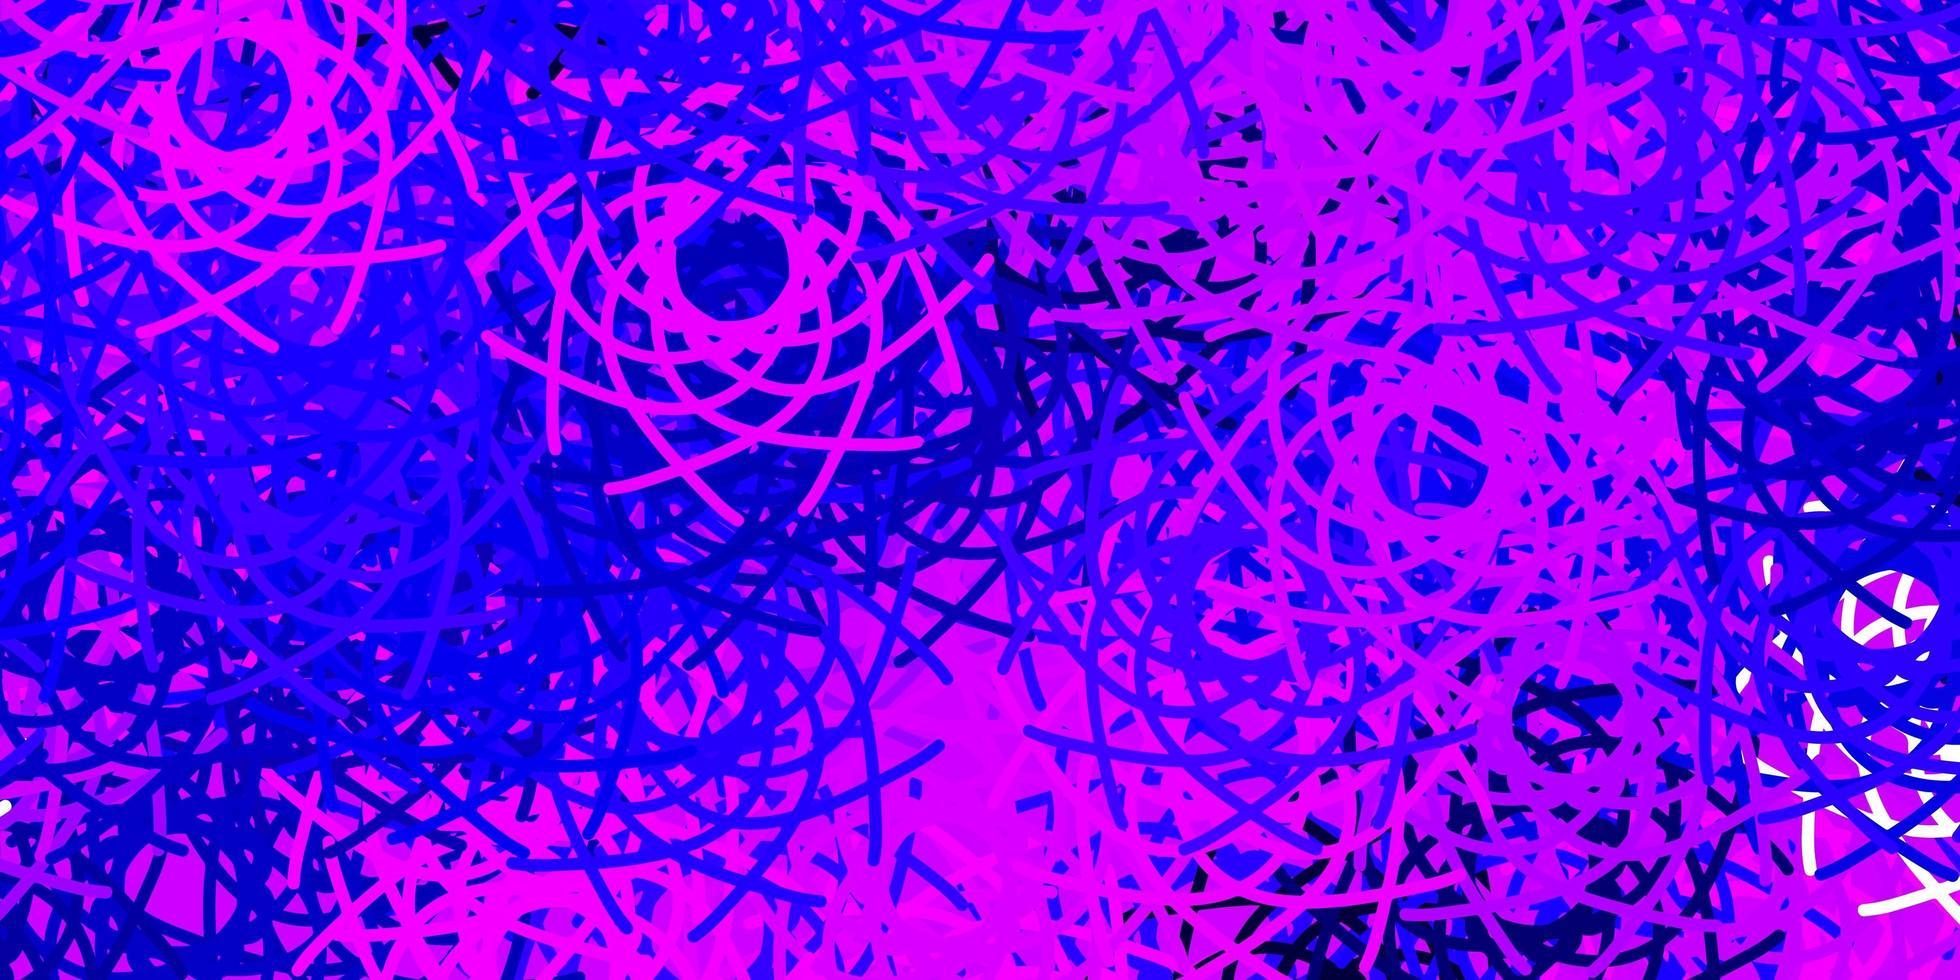 ljuslila, rosa vektormall med abstrakta former. vektor